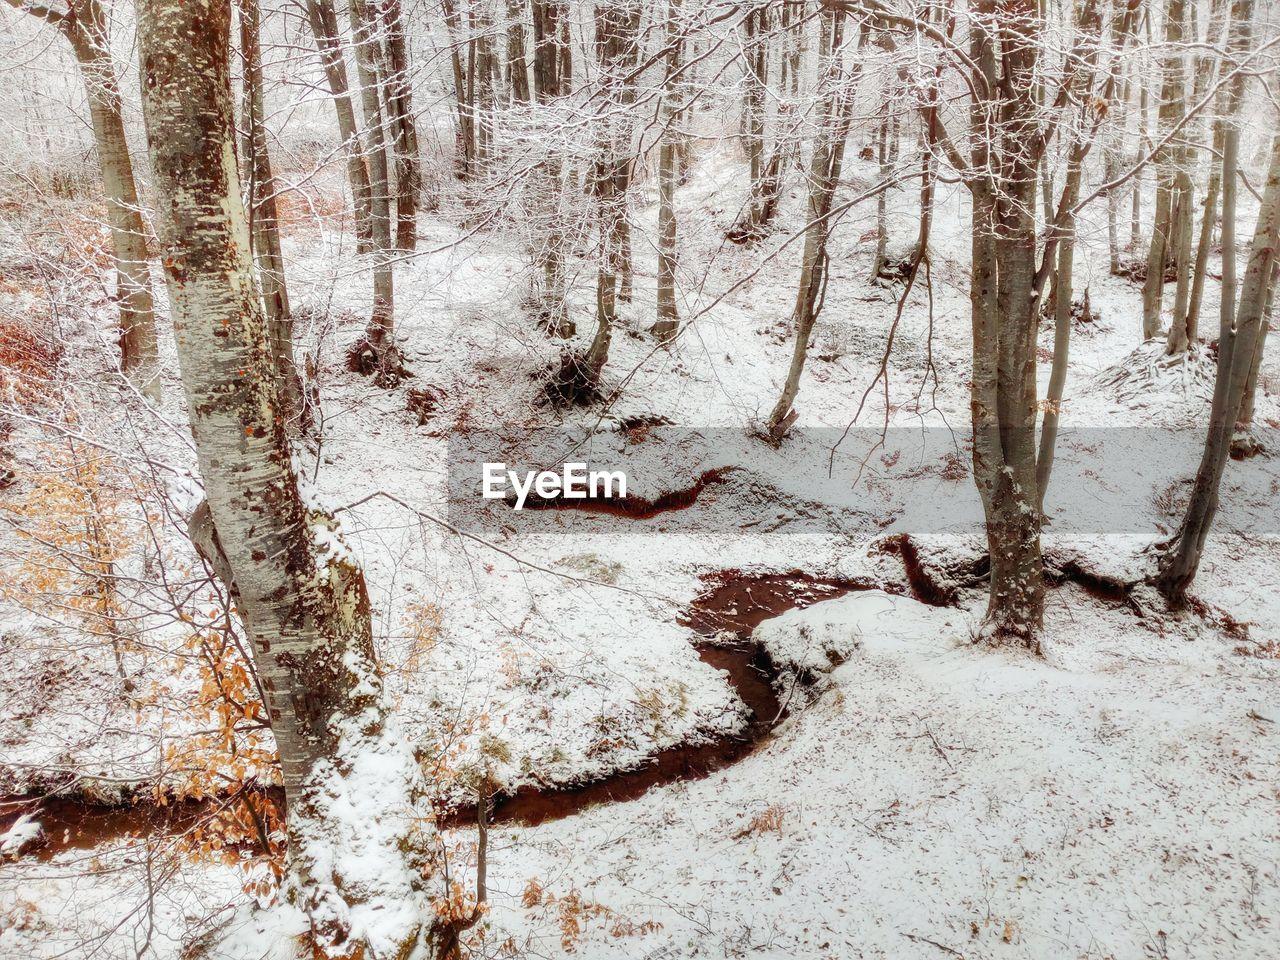 FULL FRAME SHOT OF TREE TRUNK IN WINTER